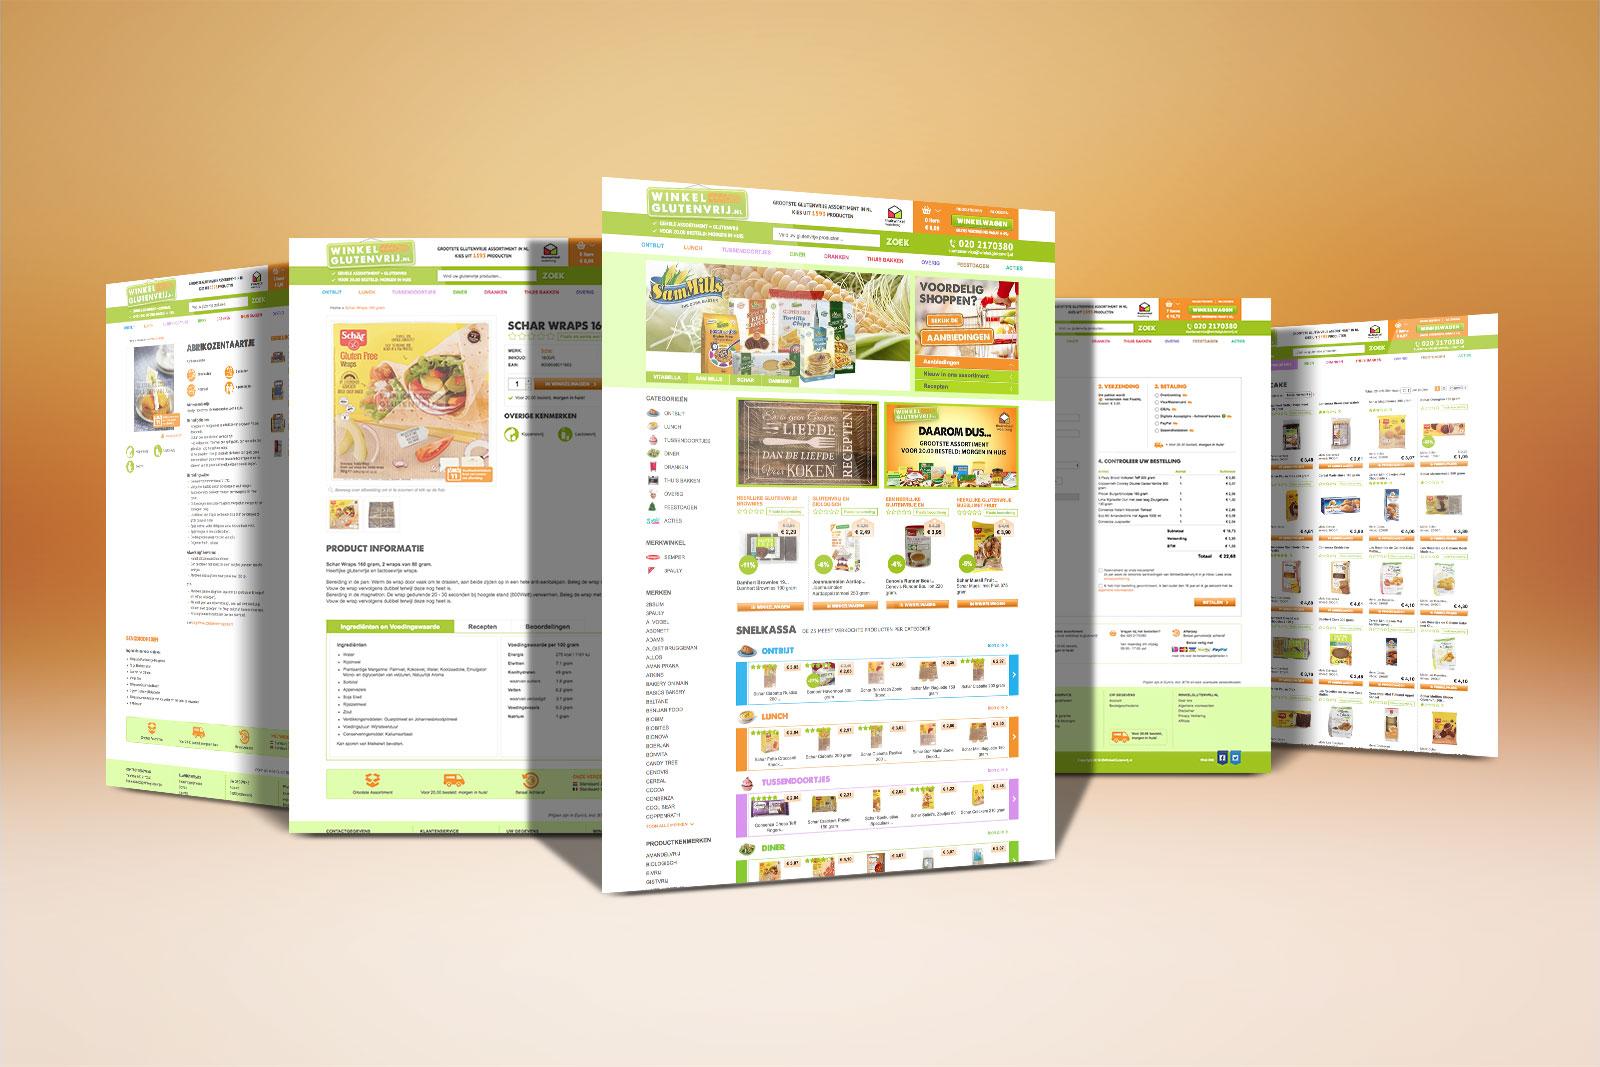 Web- UX/UI Design